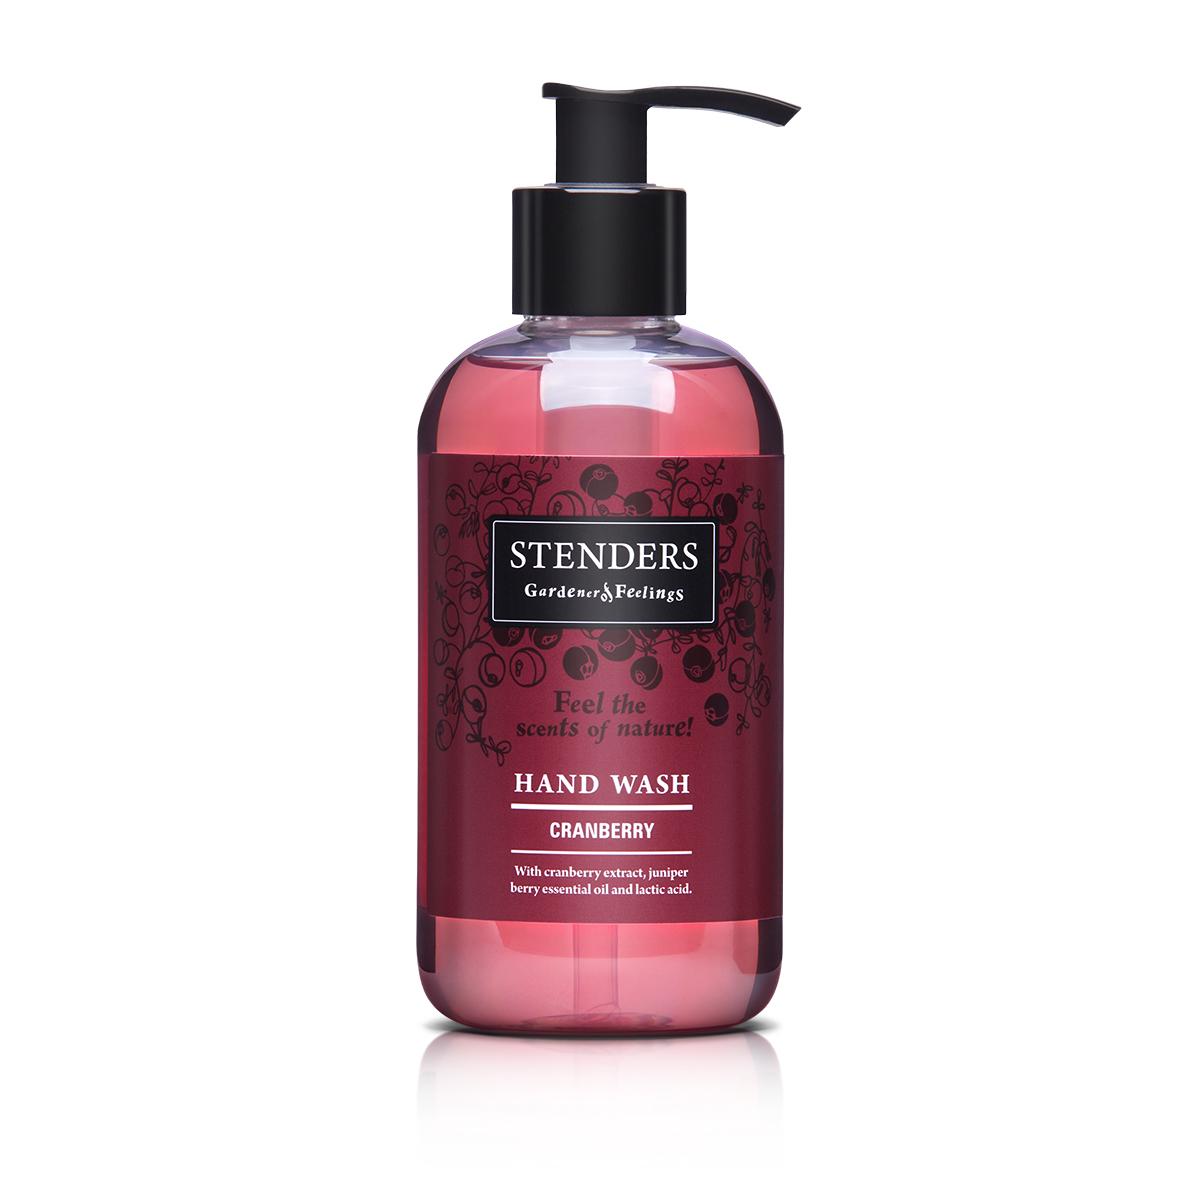 Stenders Жидкое мыло Клюква, 245 млHNWH001Наше нежное ароматное мыло, обогащенное тонизирующим клюквенным экстрактом, можжевеловым эфирным маслом и молочной кислотой, не только эффективно очистит кожу, но и сделает ее бархатной. После использования мыла на вашей коже останется свежий, природный аромат.